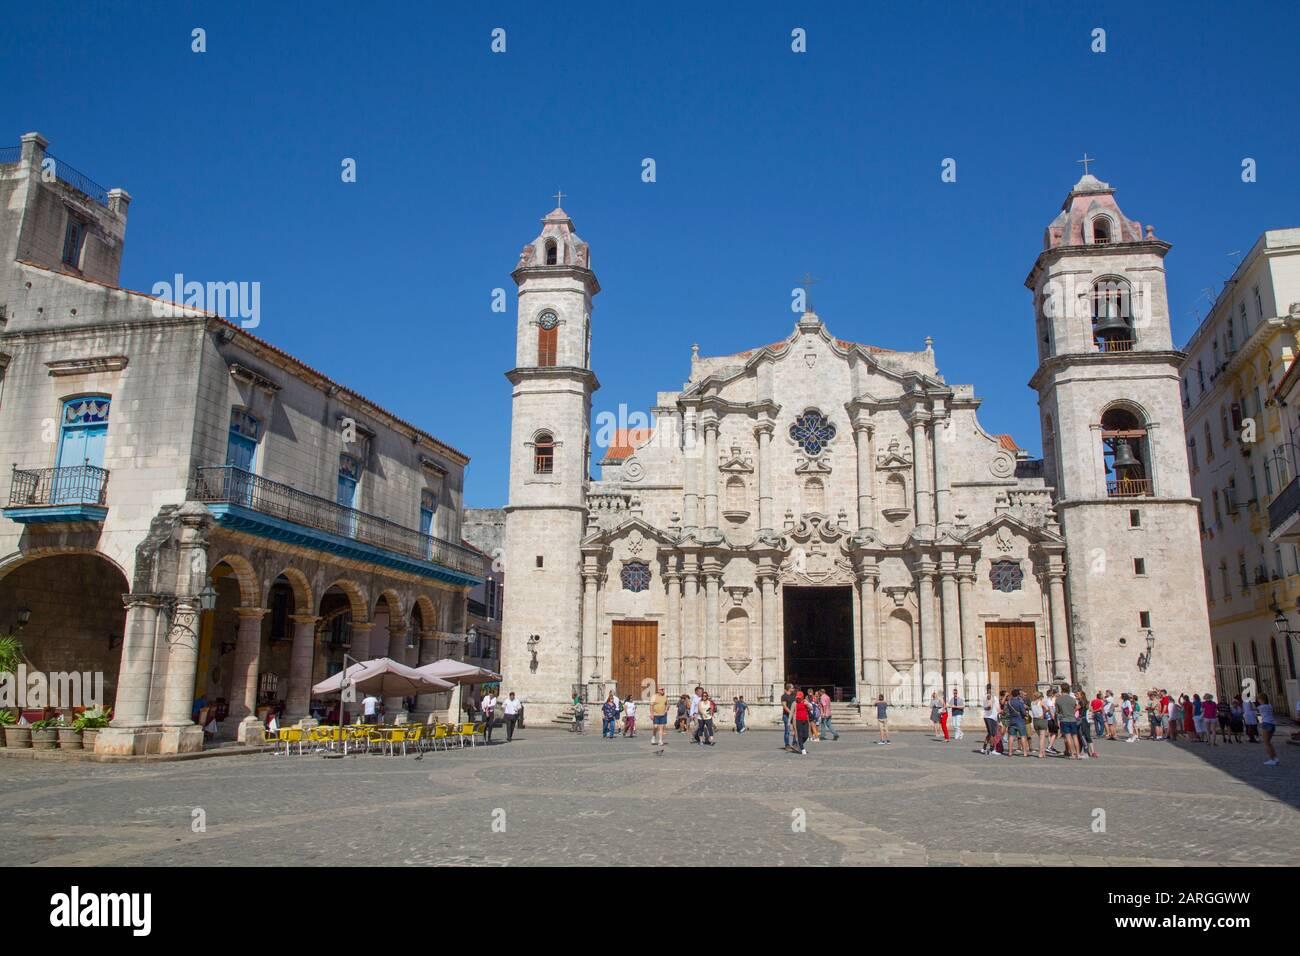 Cathédrale De San Cristobal, Plaza De La Cathédrale, Vieille Ville, Site Classé Au Patrimoine Mondial De L'Unesco, La Havane, Cuba, Antilles, Caraïbes, Amérique Centrale Banque D'Images